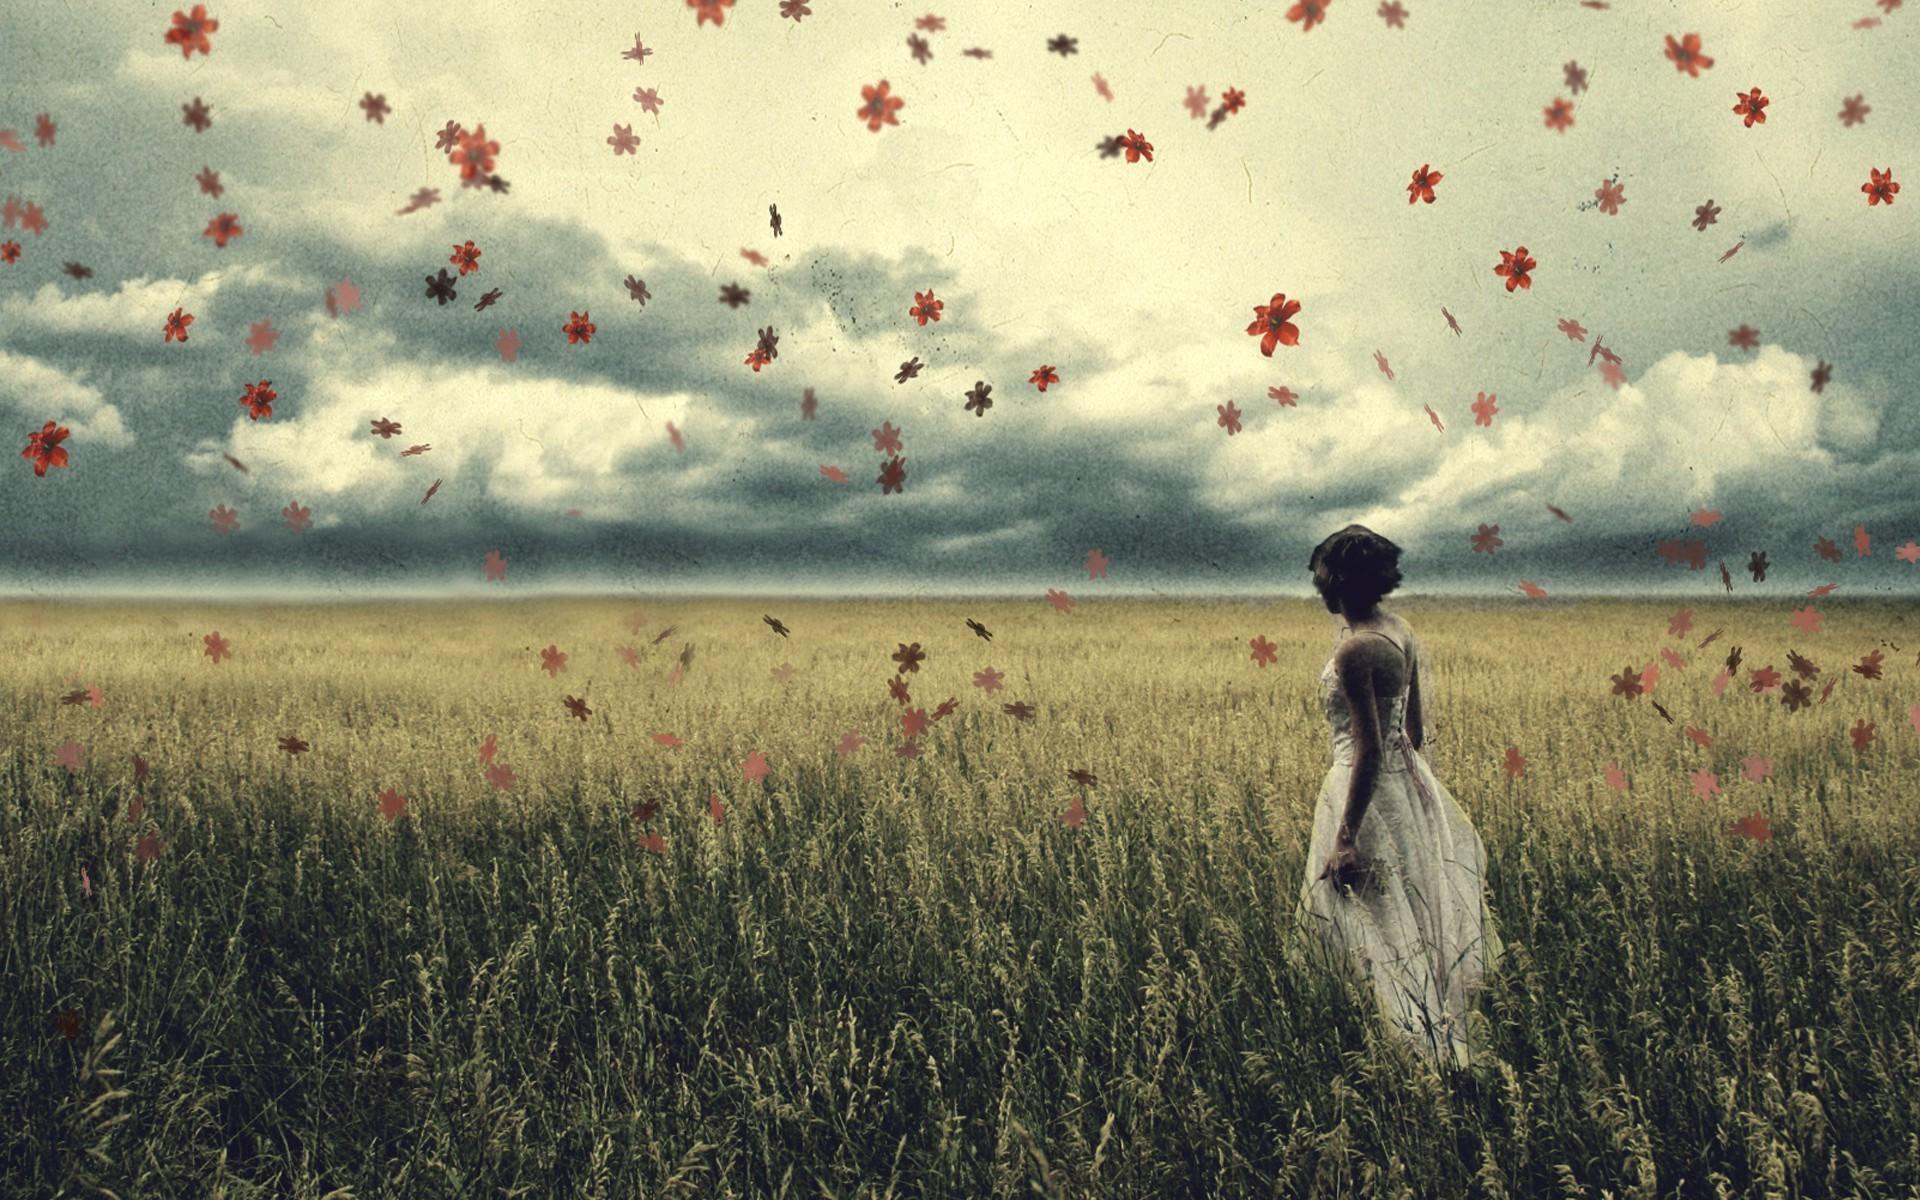 Leaves Women Love Grass Sky Field Morning Wind Horizon Cloud Flower Grassland Plant Meadow Plain 1920x1200